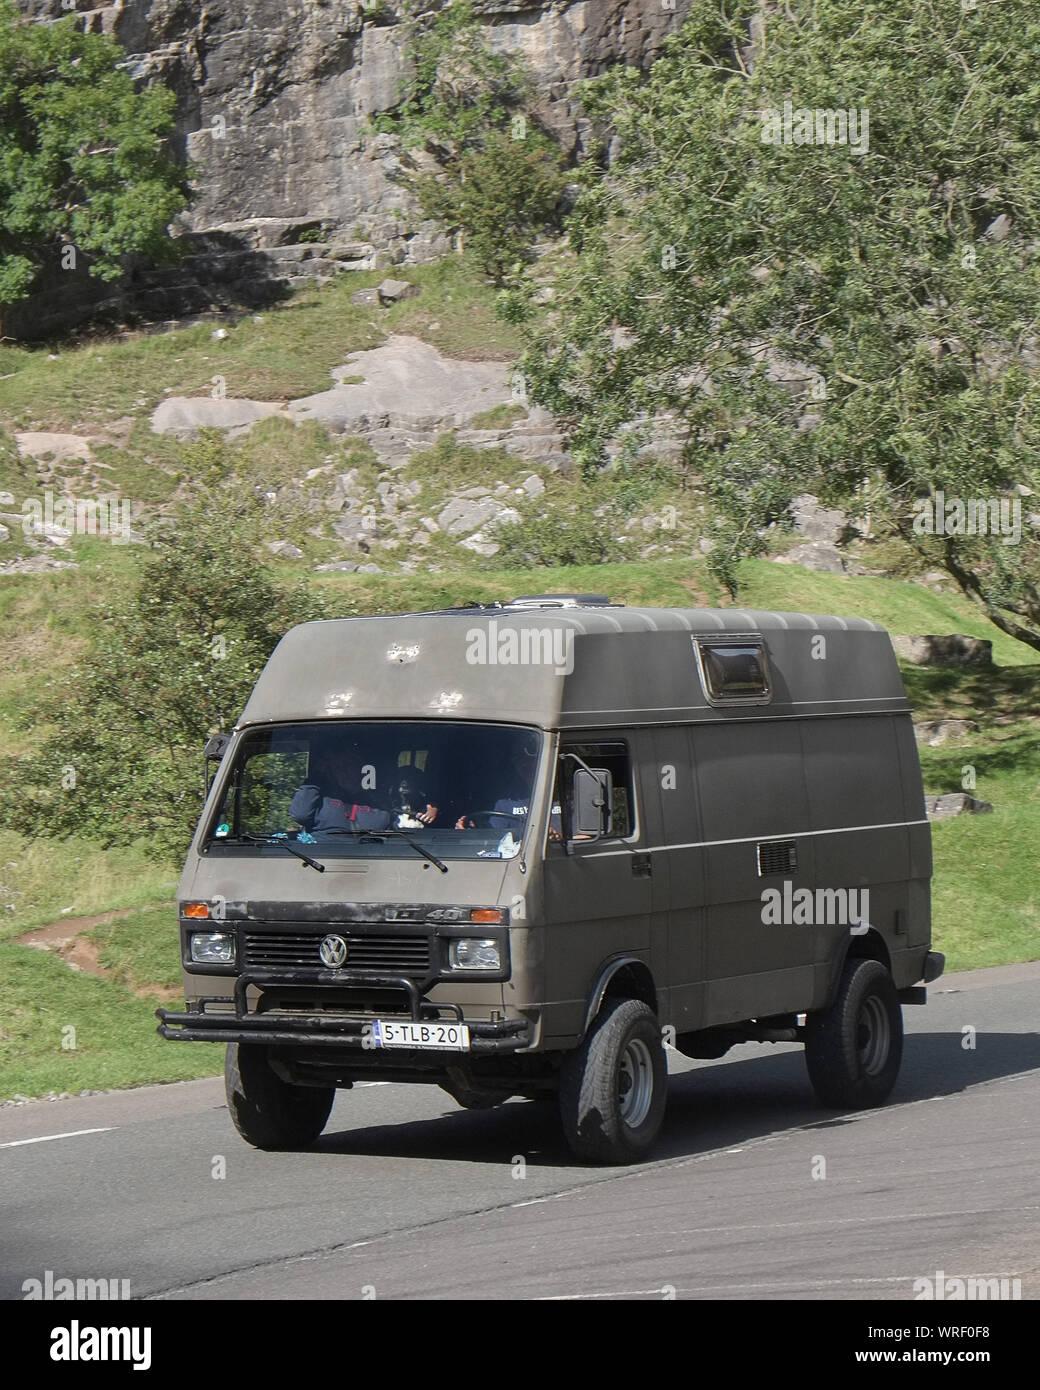 September 2019 Volkswagen Vw Lt 40 4x4 Camper In Cheddar Gorge Stock Photo Alamy